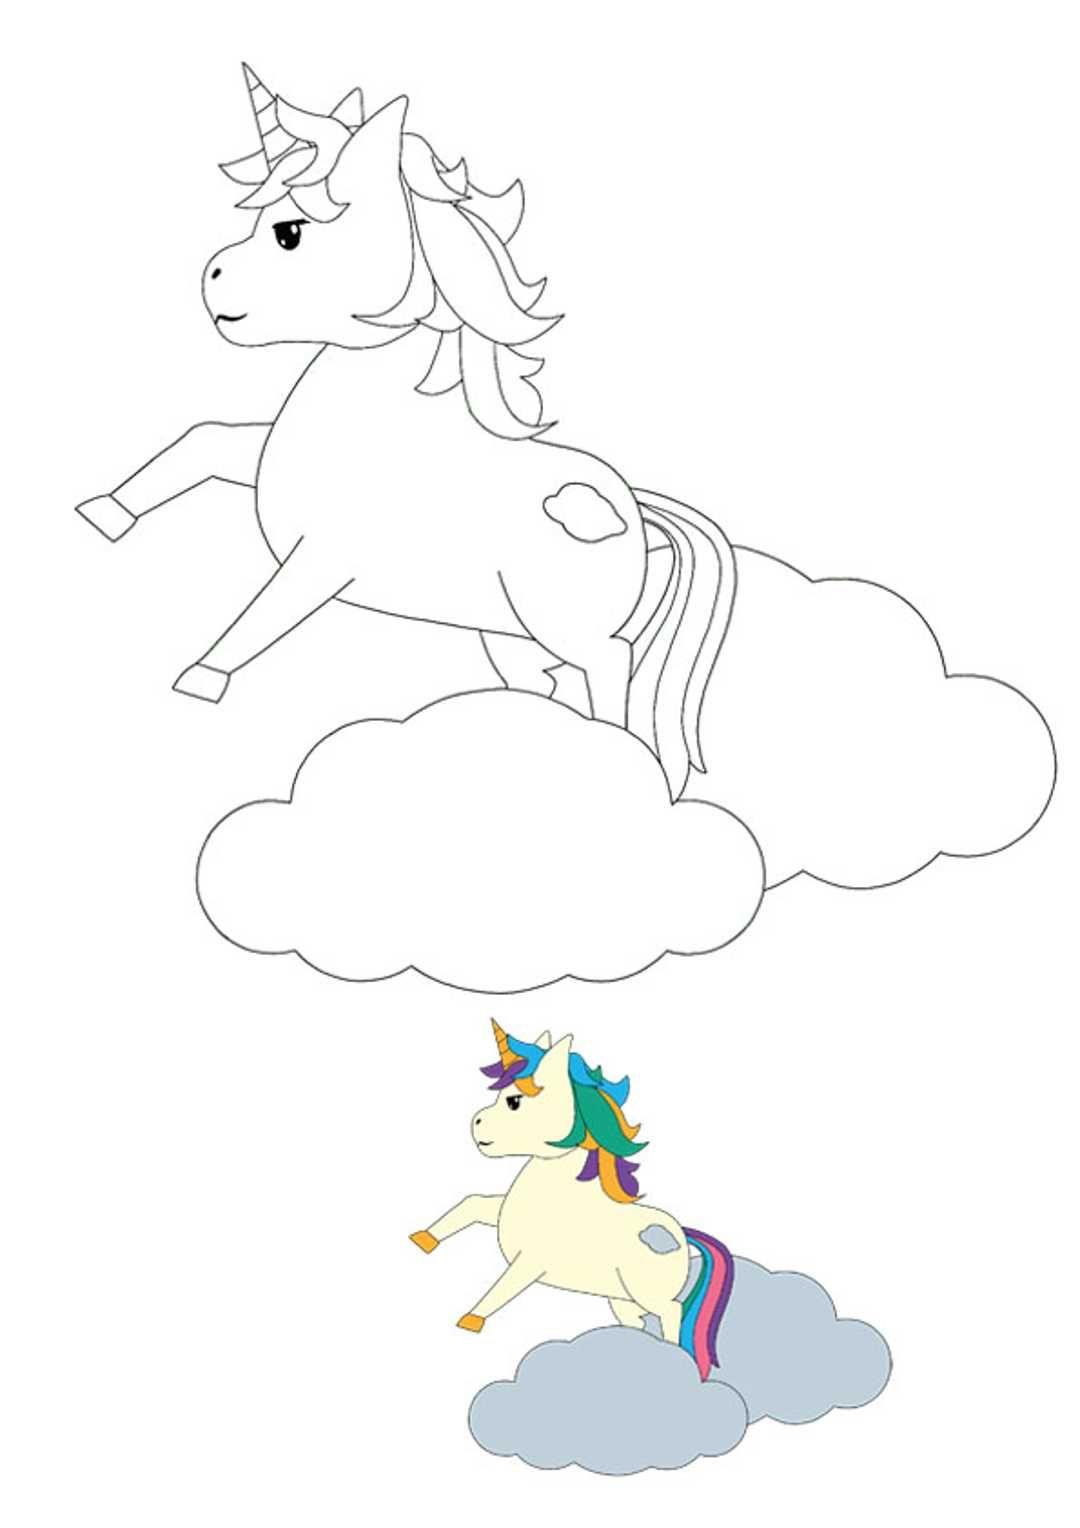 Jumping Unicorn Coloring Page Actividades